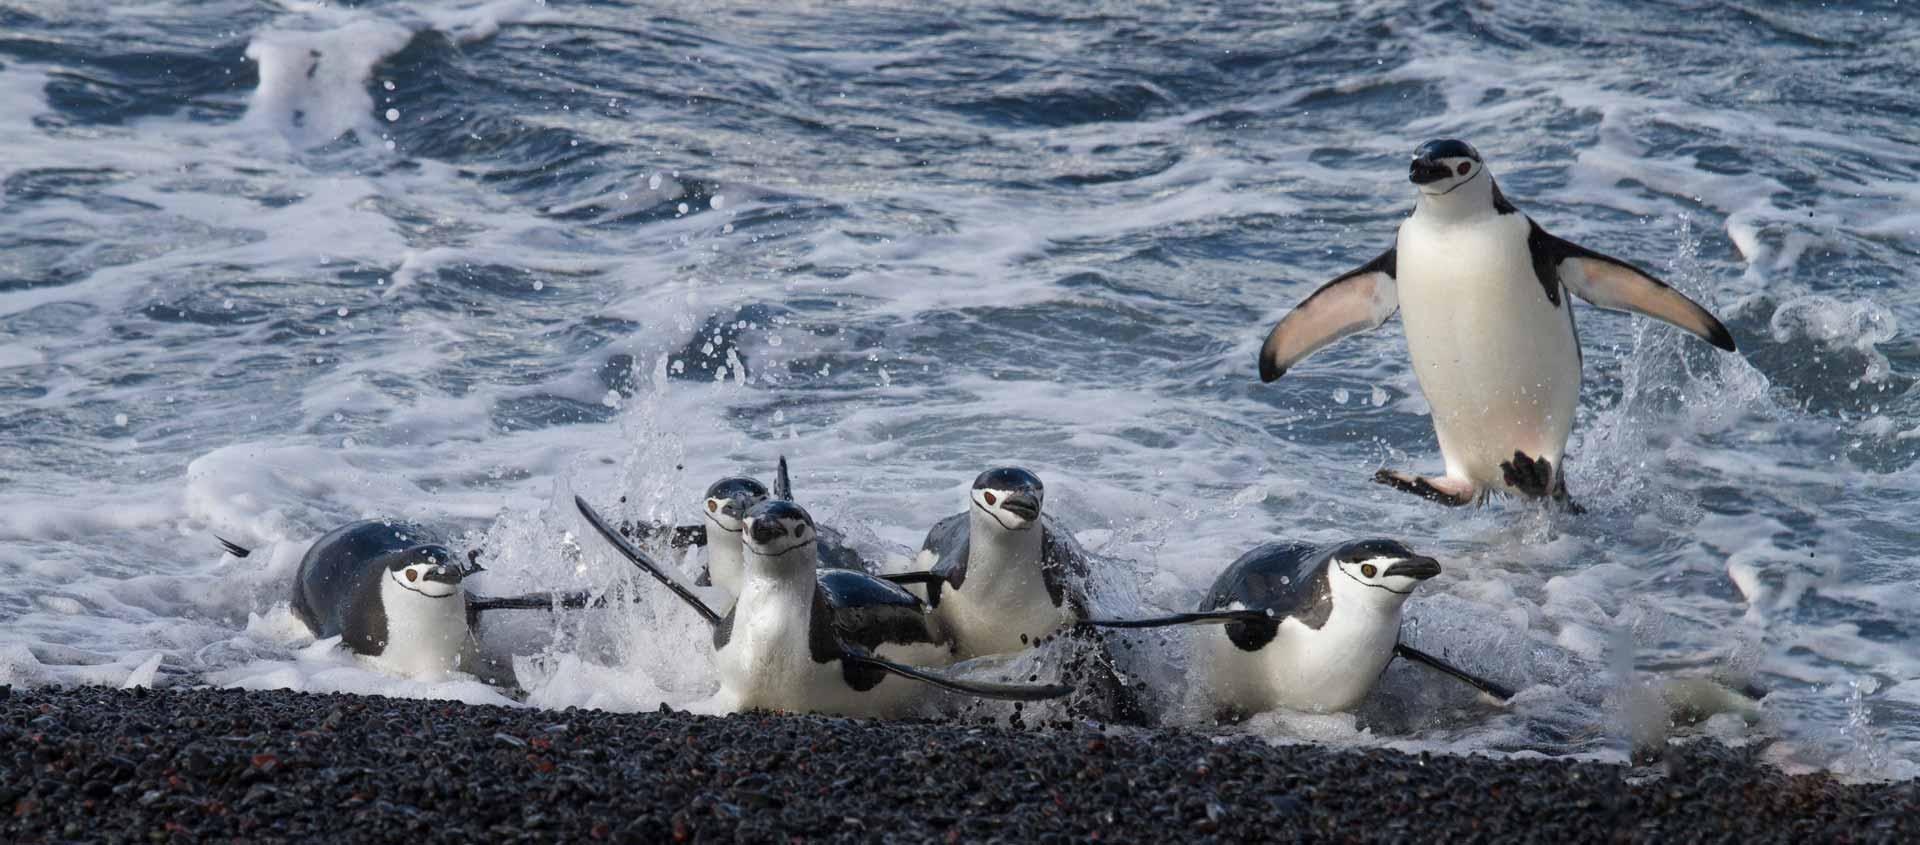 Antarctic Deep South photo of Chinstrap Penguins coming ashore